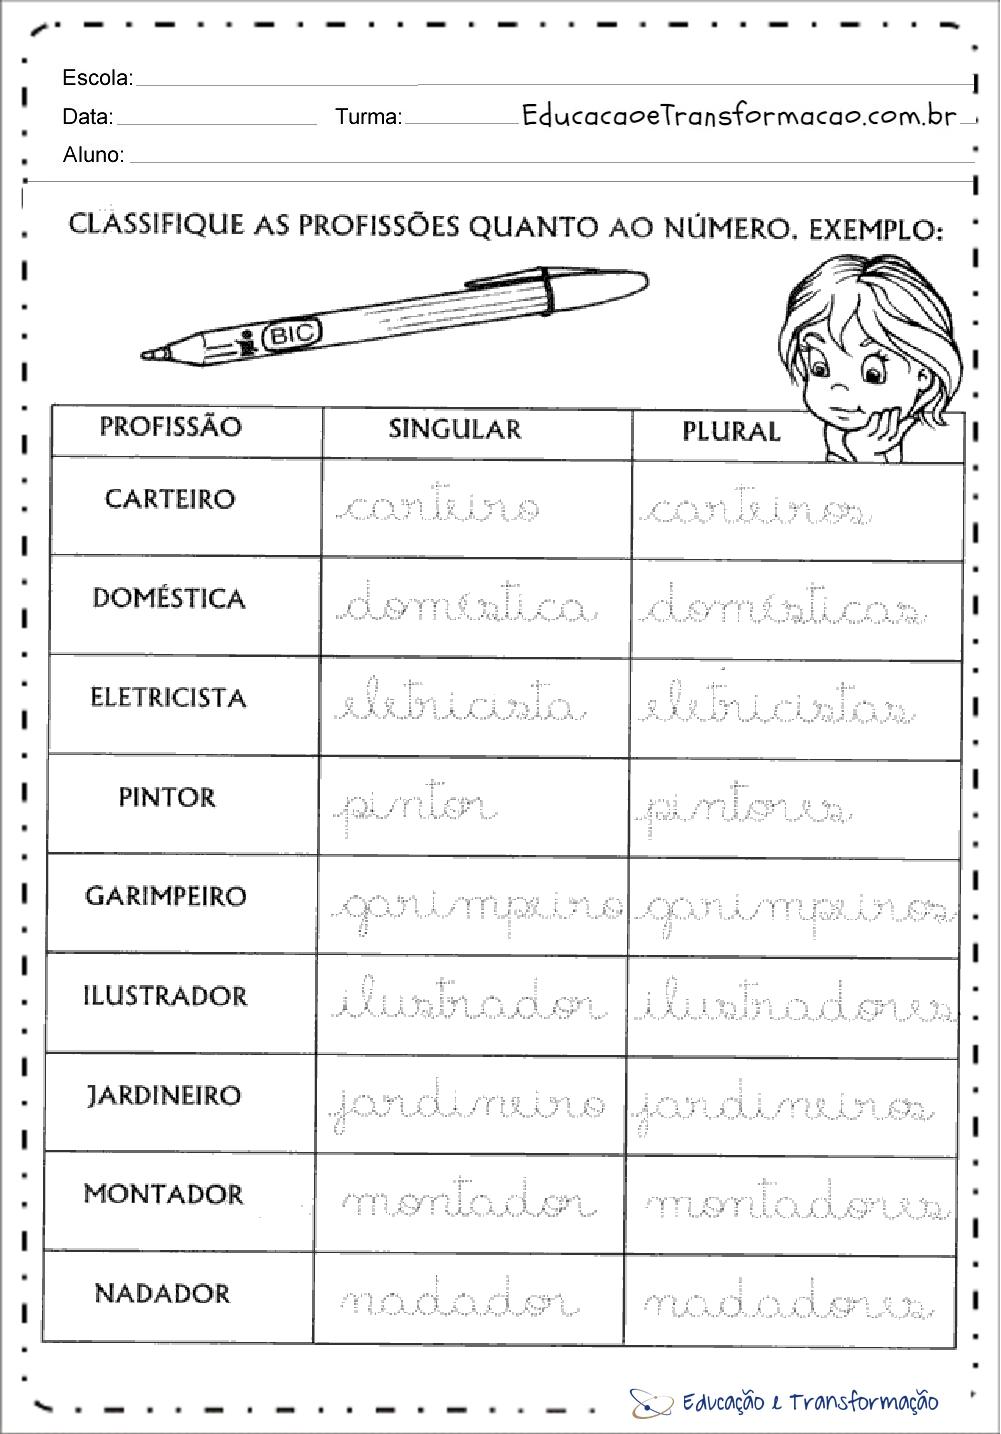 Atividades sobre profissões para Educação Infantil – Classifique